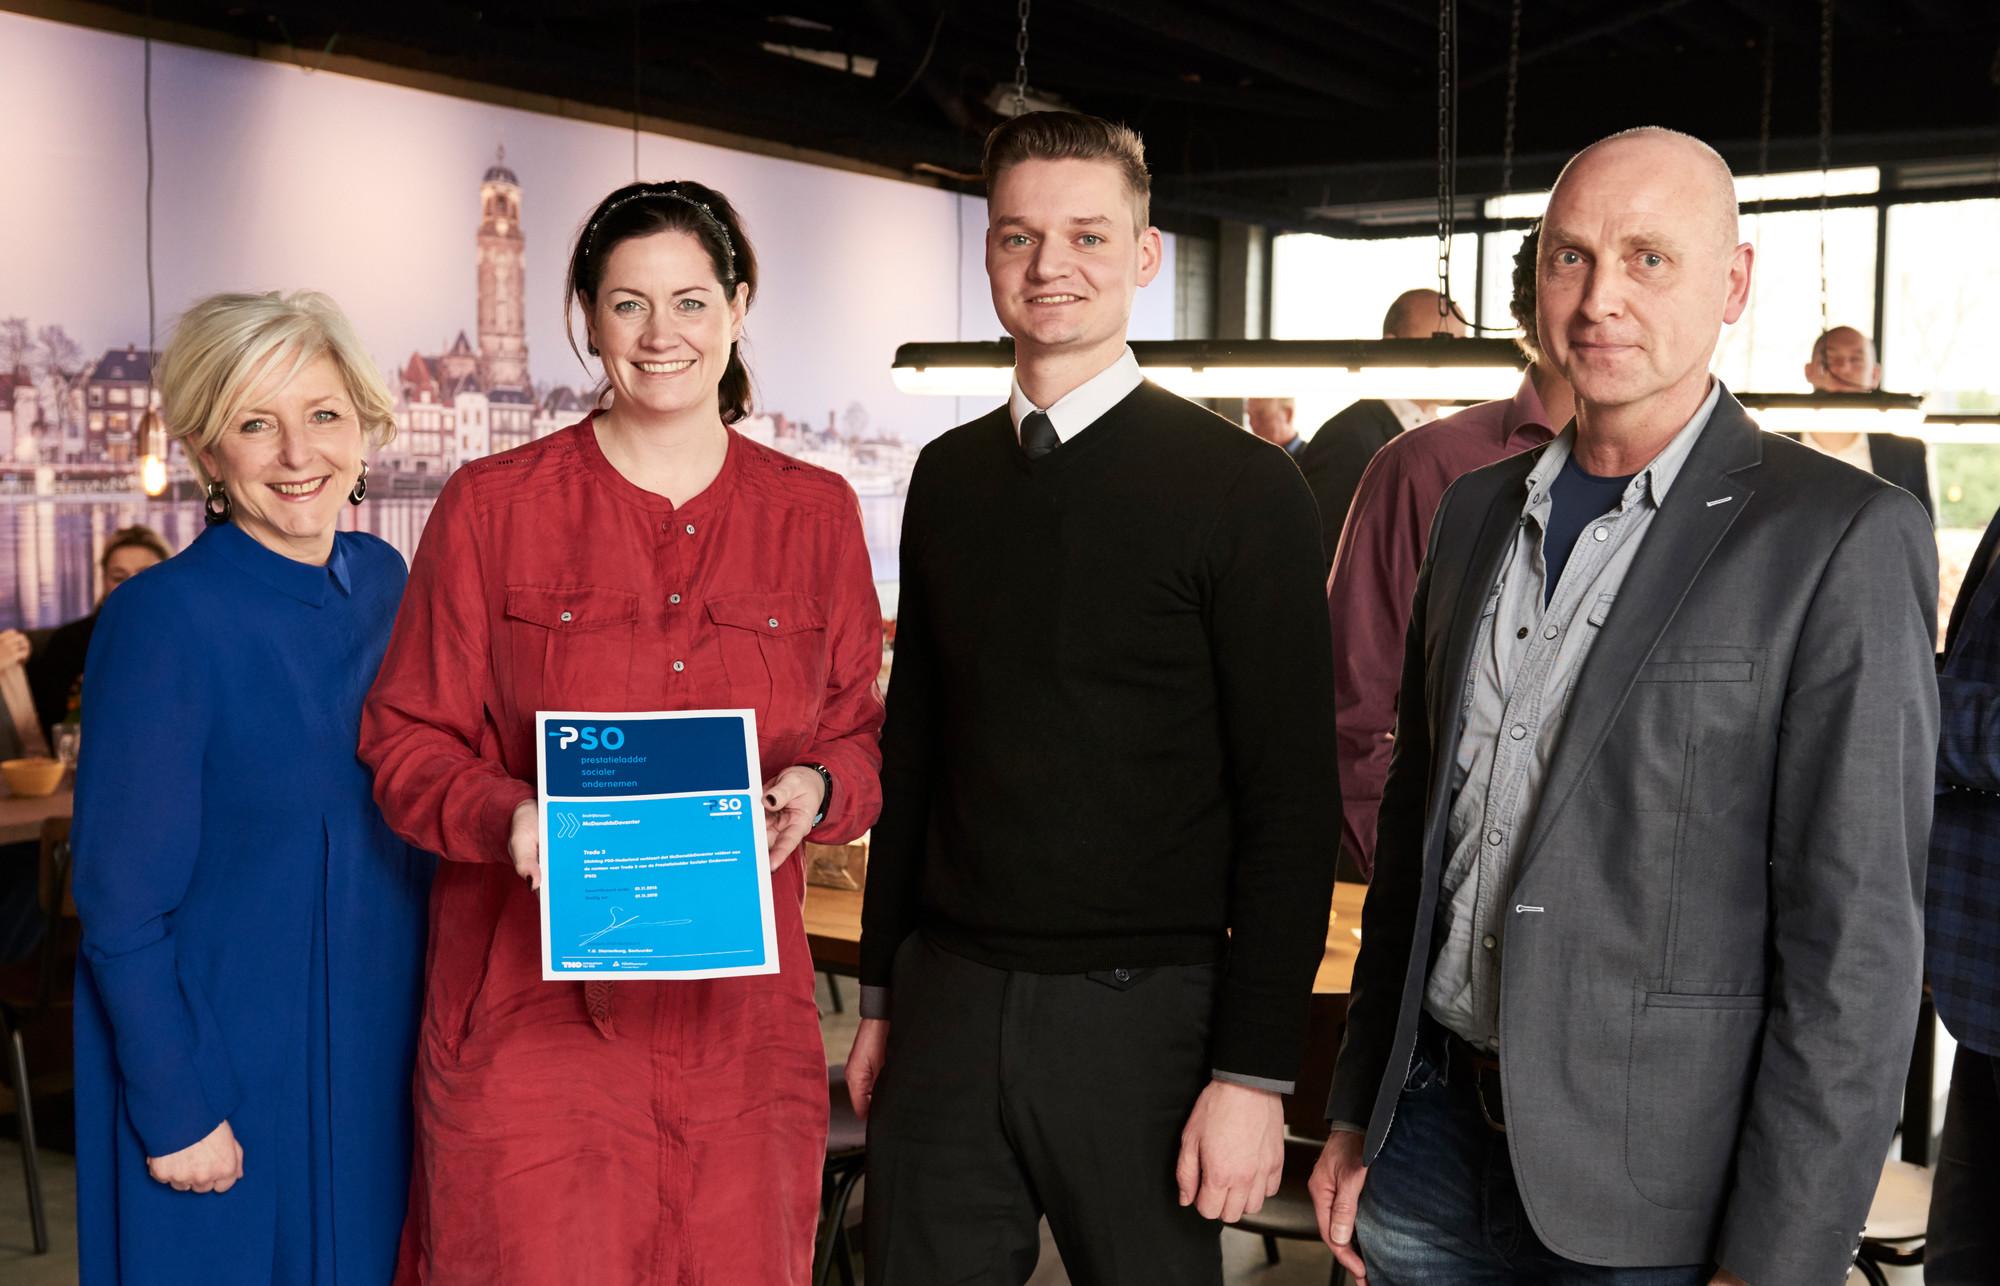 Vera Linskens (tweede van links) en Laurens Bontius (tweede van rechts) ontvingen uit handen van Vincent Leenders van PSO Nederland (geheel rechts) het PSO-certificaat. Naast hen Marjolein Reijs, directeur HR van McDonald's Nederland (geheel links). Bron: FranchiseFormules.NL